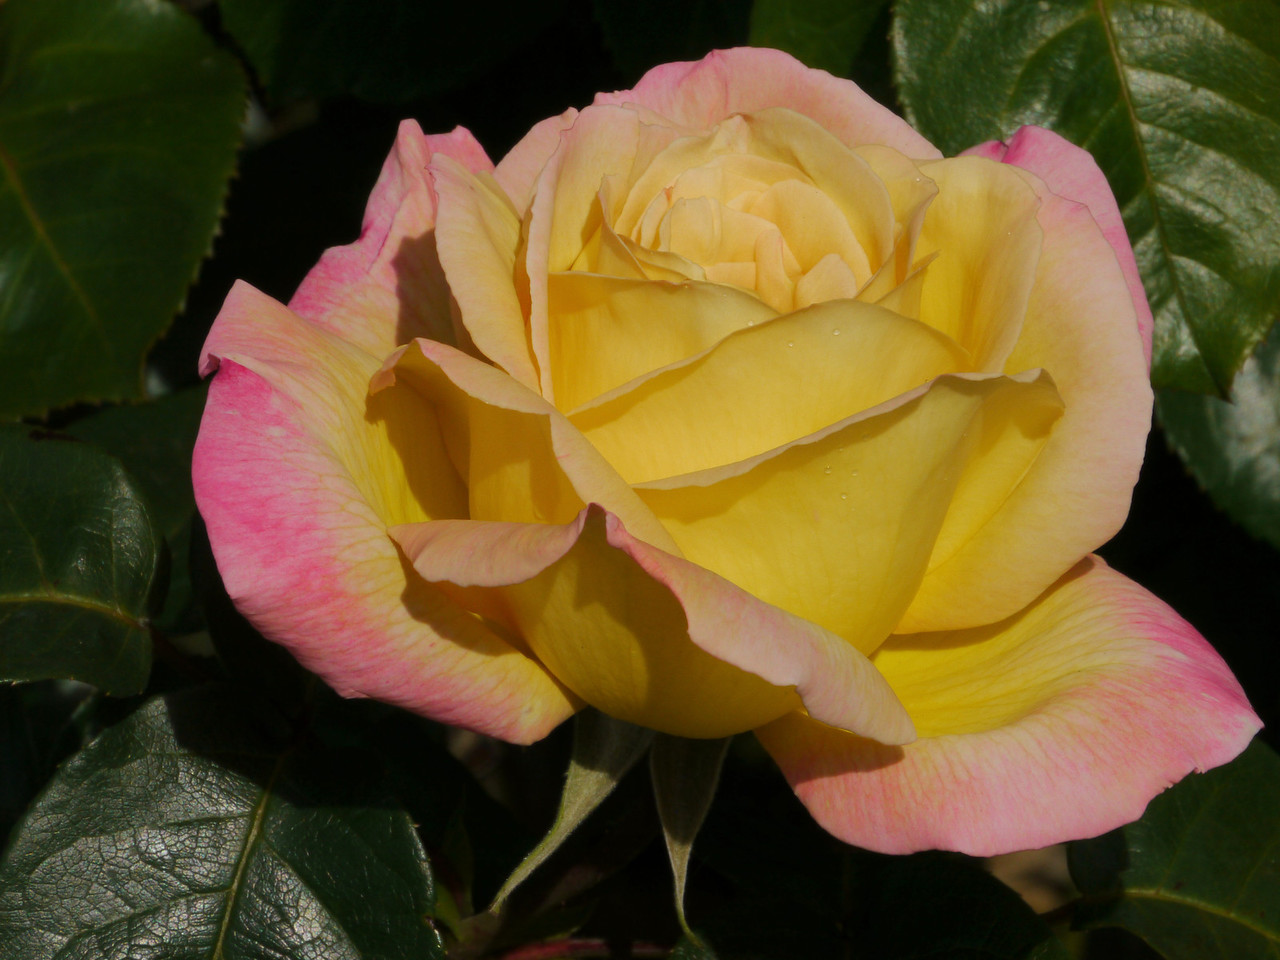 20121018_0902_4077 rose